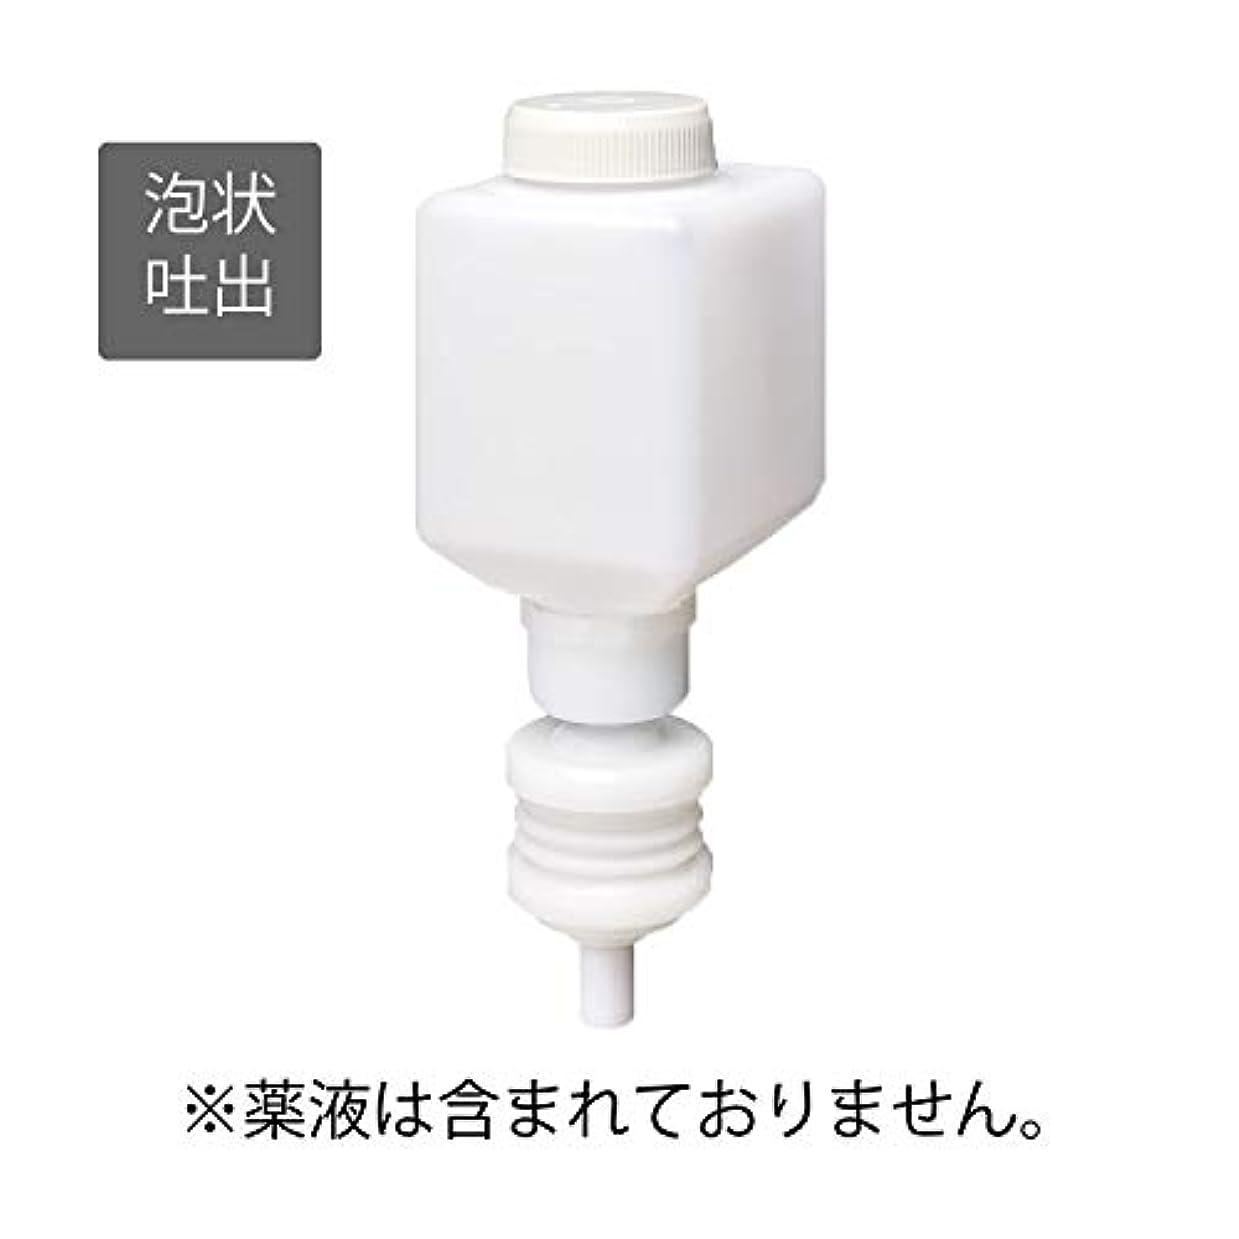 金額大人予防接種するサラヤ カートリッジボトル 石けん液泡タイプ用 250ml MD-300